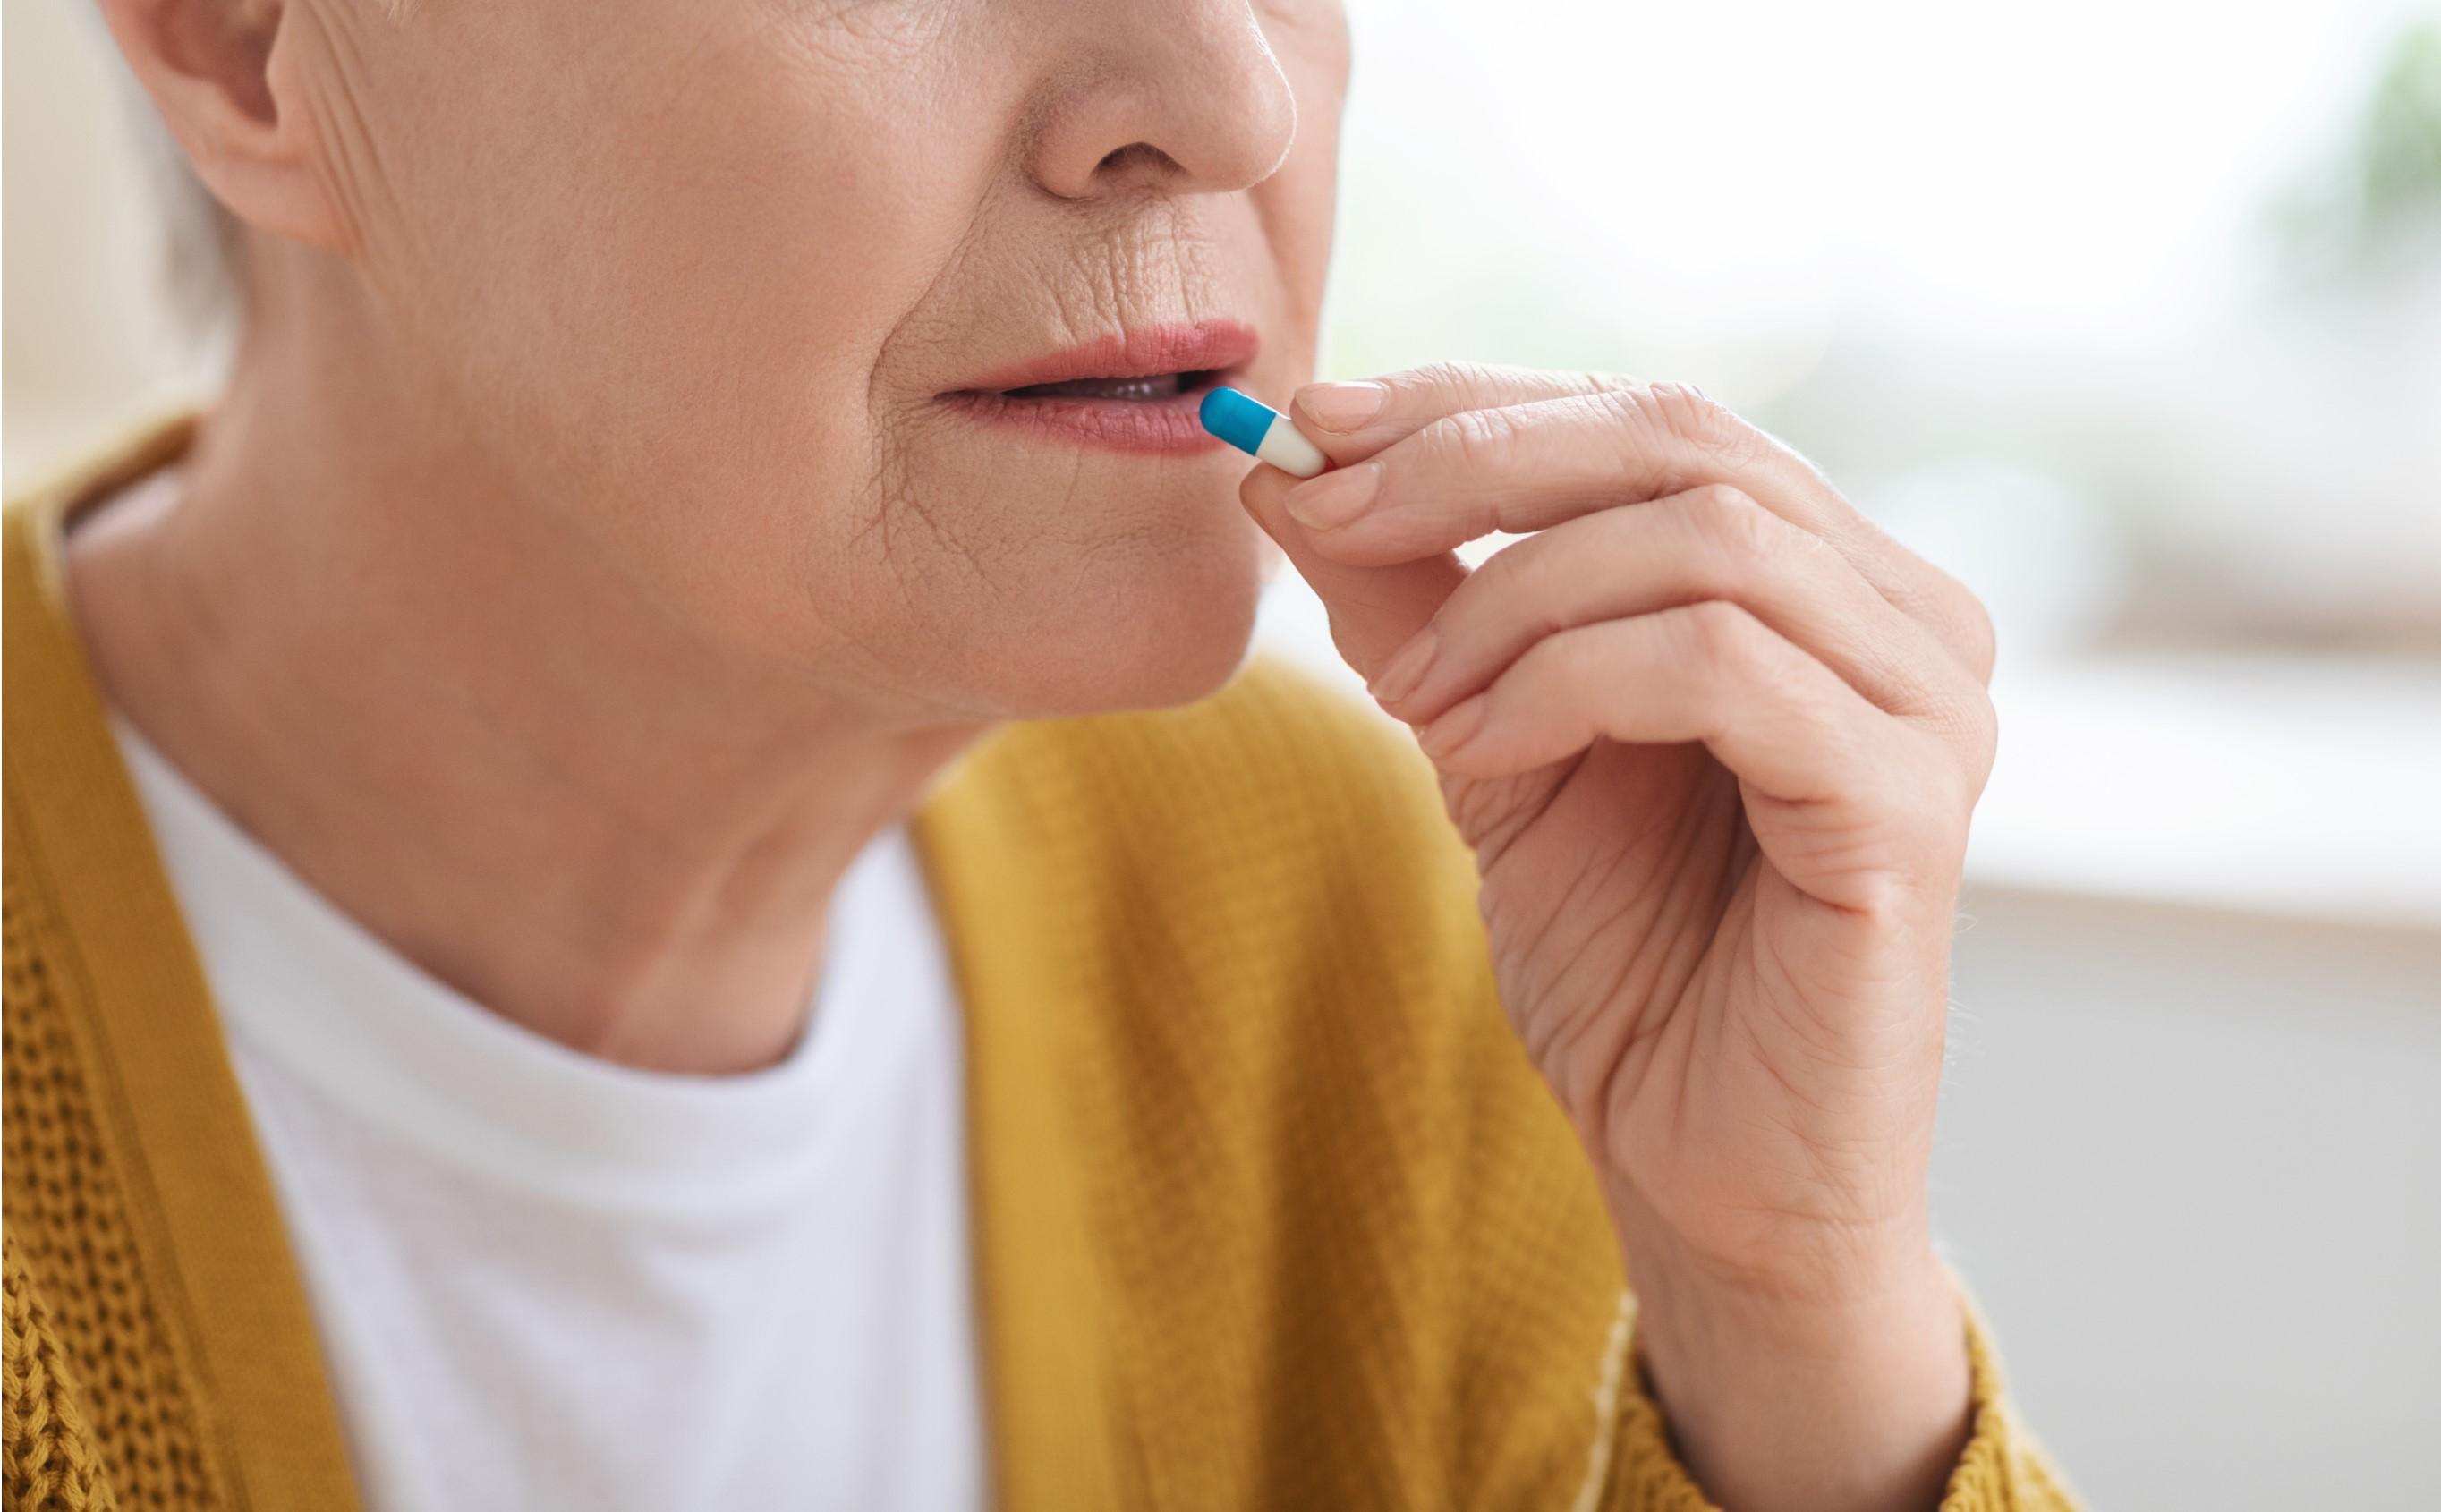 Vender valor na farmácia de manipulação: como e por que fazer isso